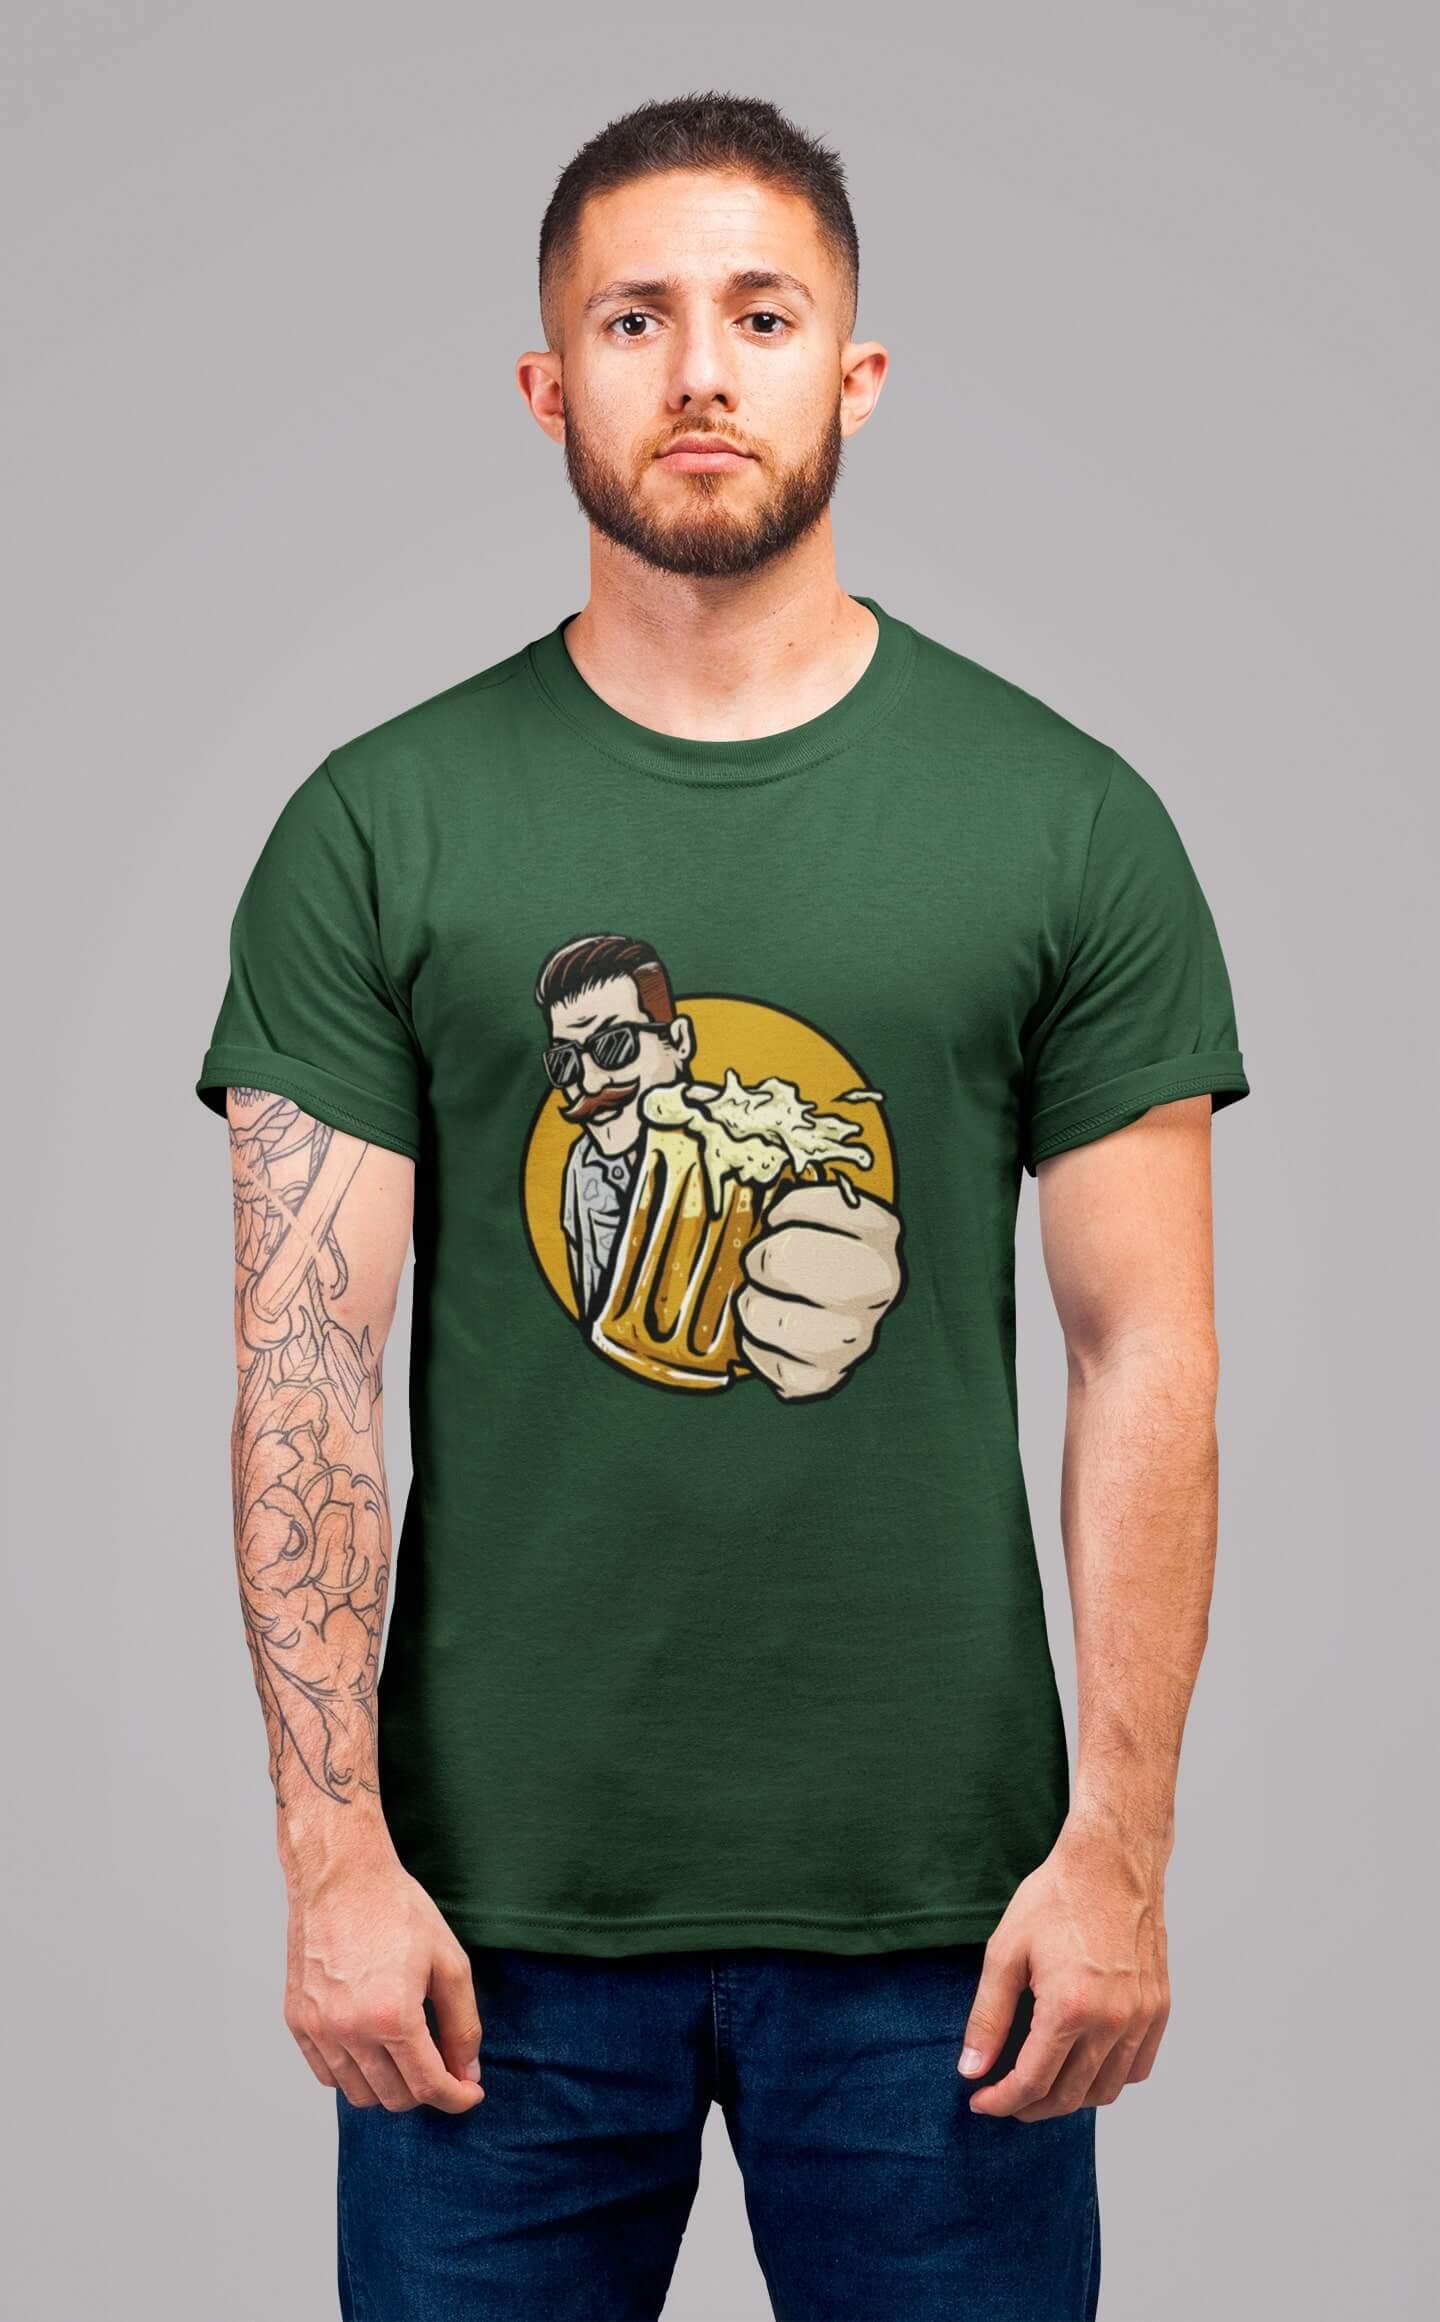 MMO Pánske tričko Chlap s pivom v ruke Vyberte farbu: Fľaškovozelená, Vyberte veľkosť: L